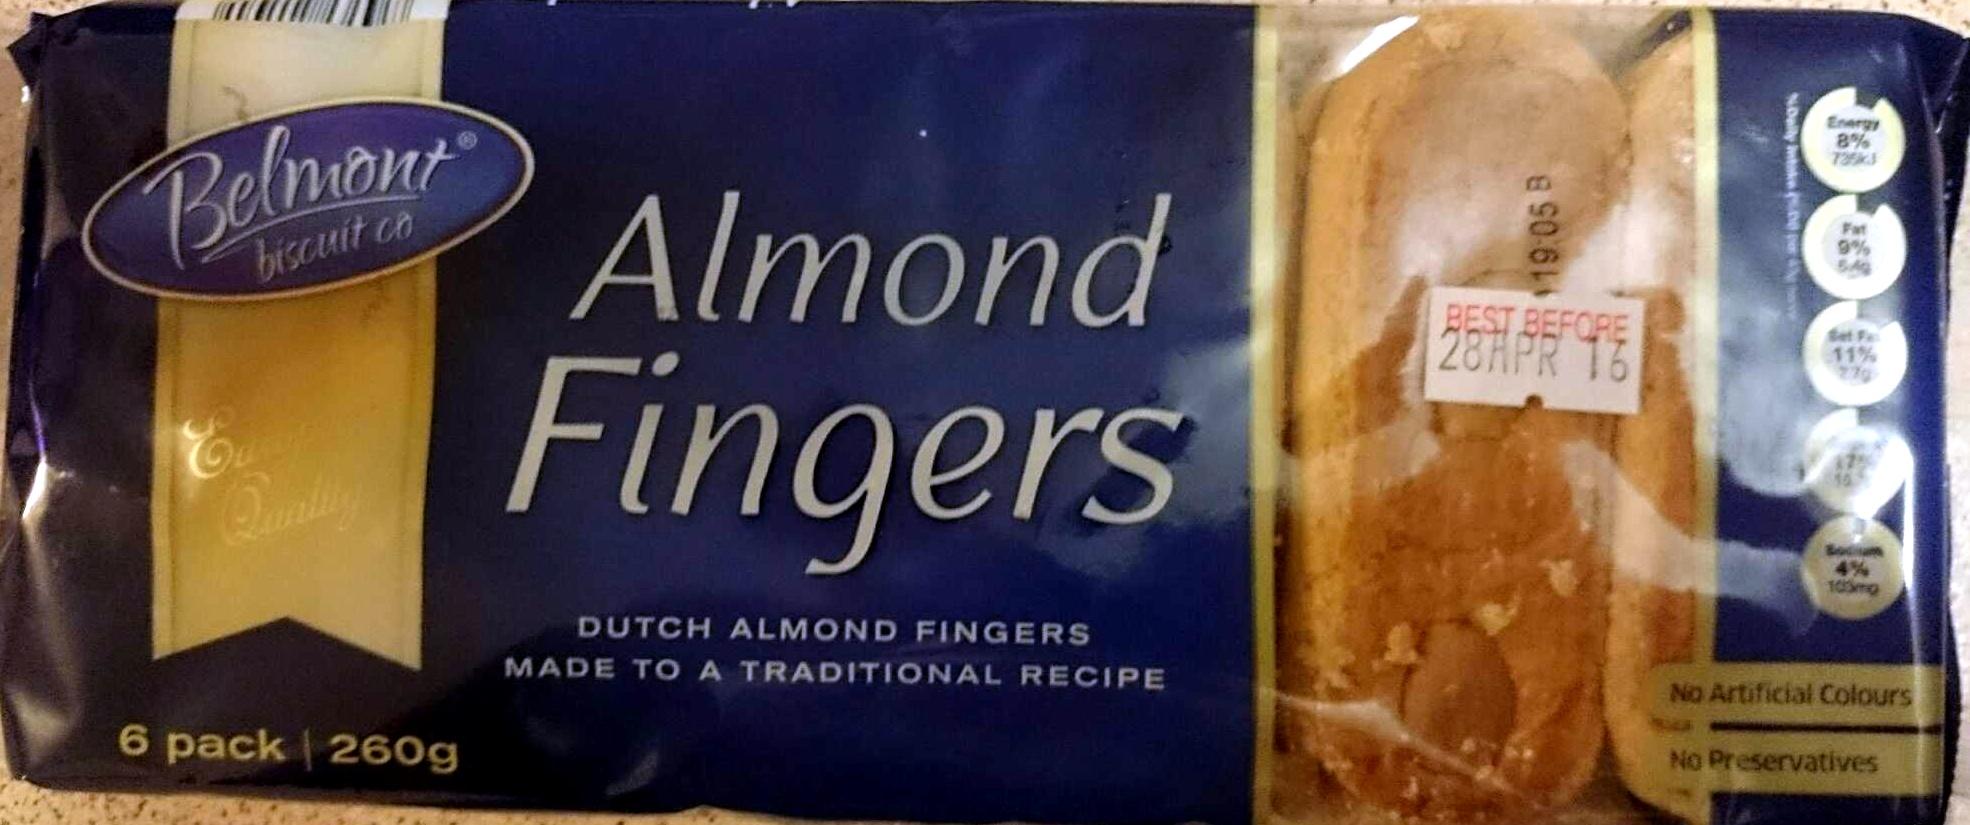 Almond Fingers - Product - en